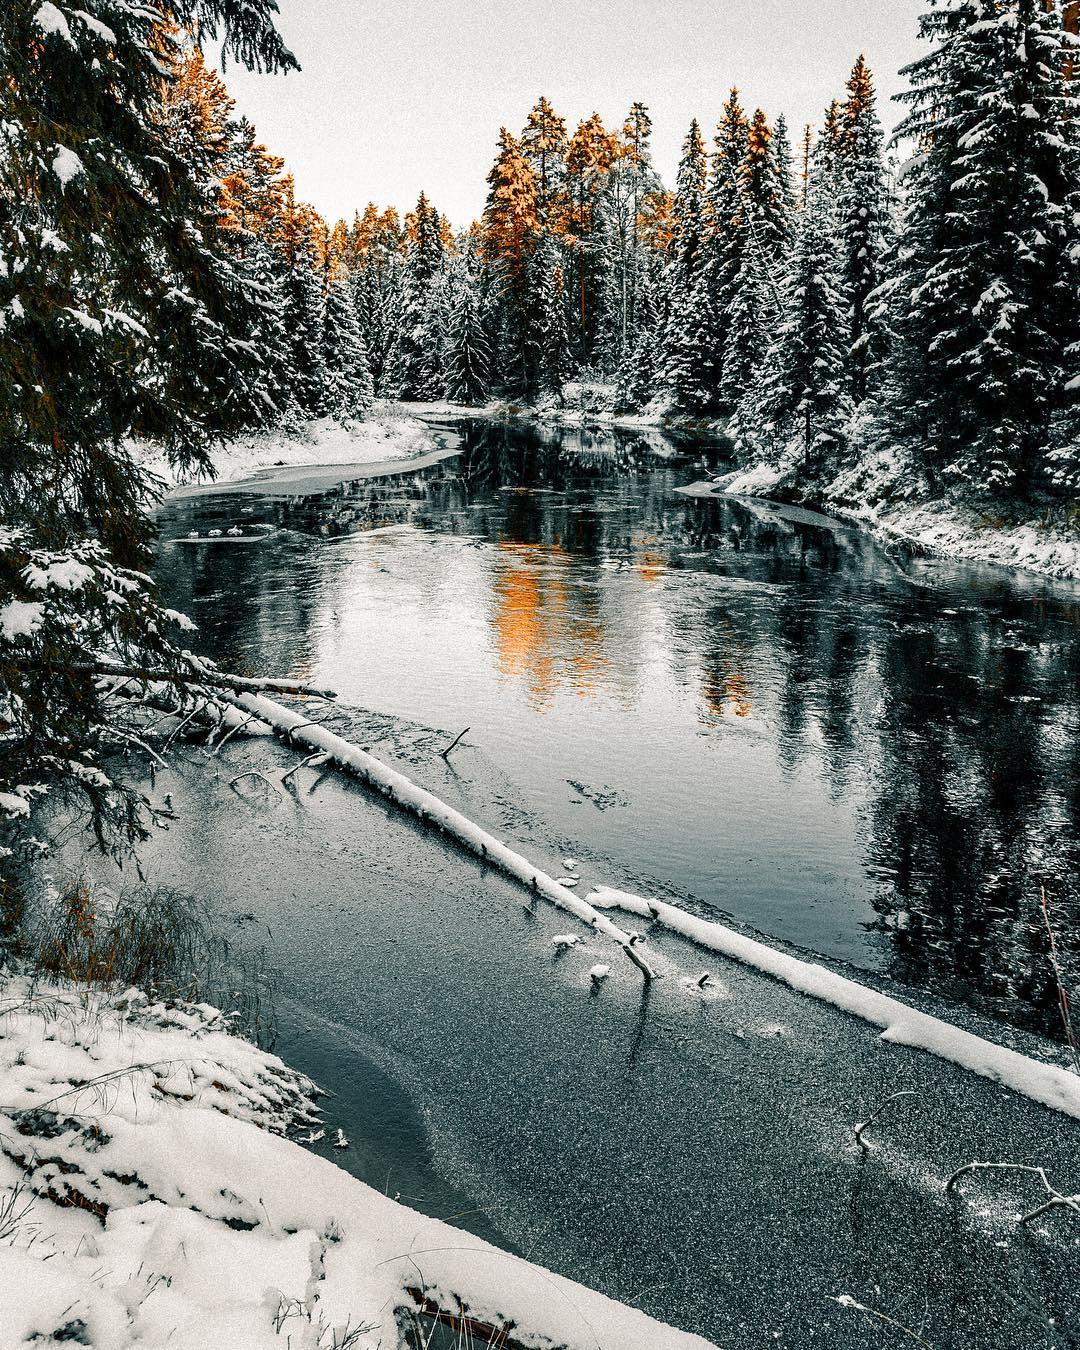 Потрясающие пейзажи Финляндии на снимках Анны-Элины Лахти